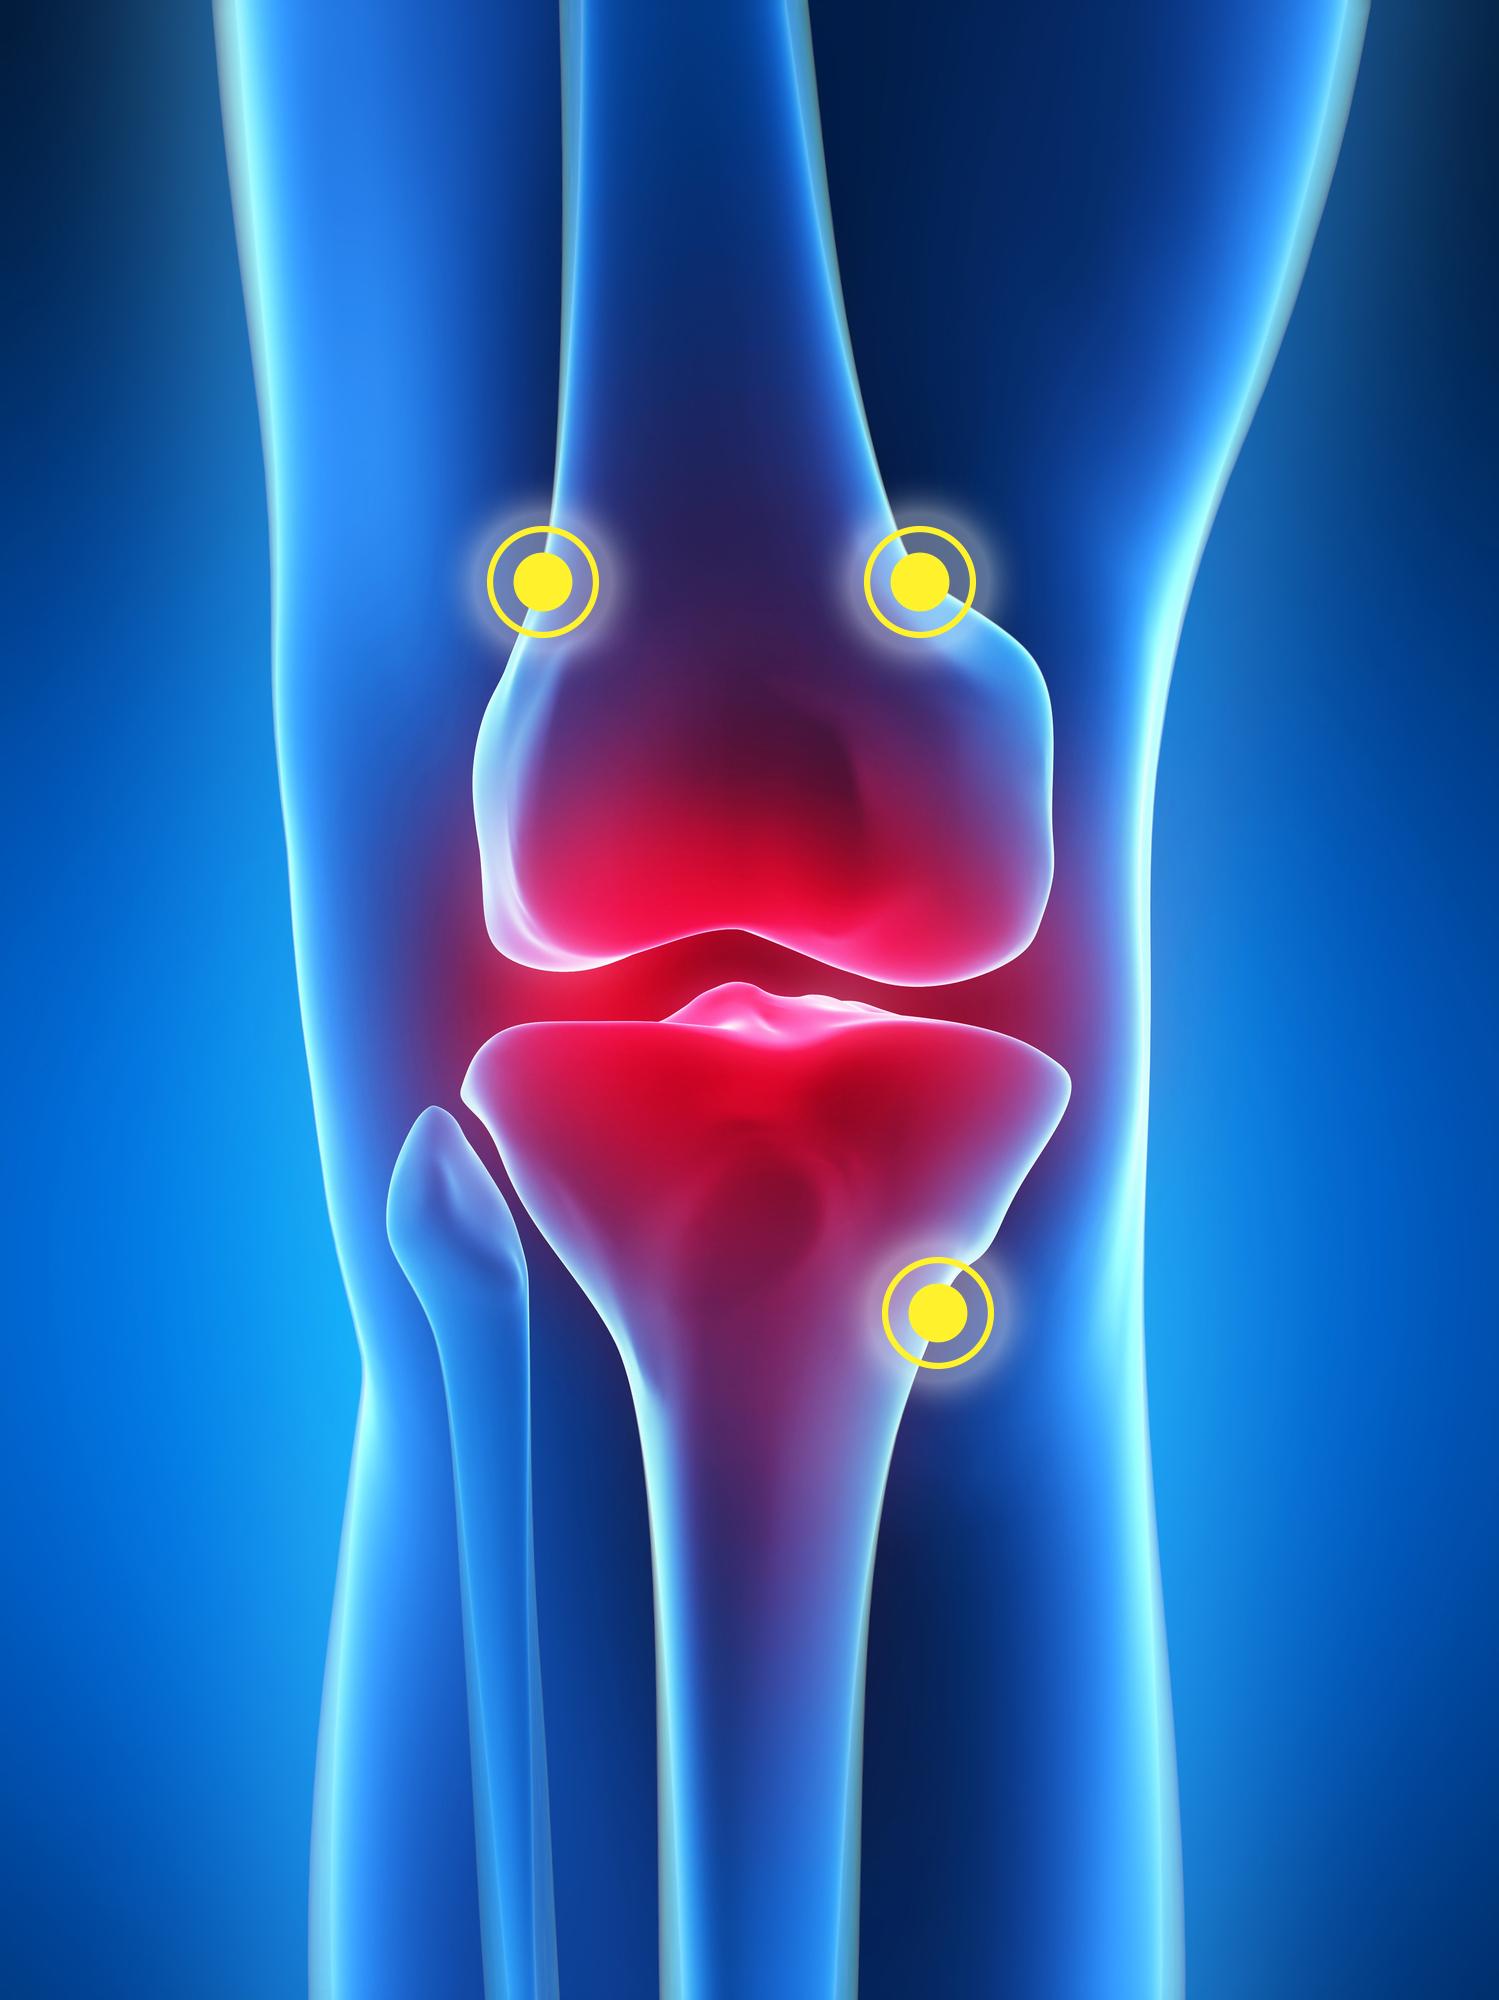 obat nyeri lutut yang ampuh, radiofrekuensi ablasi